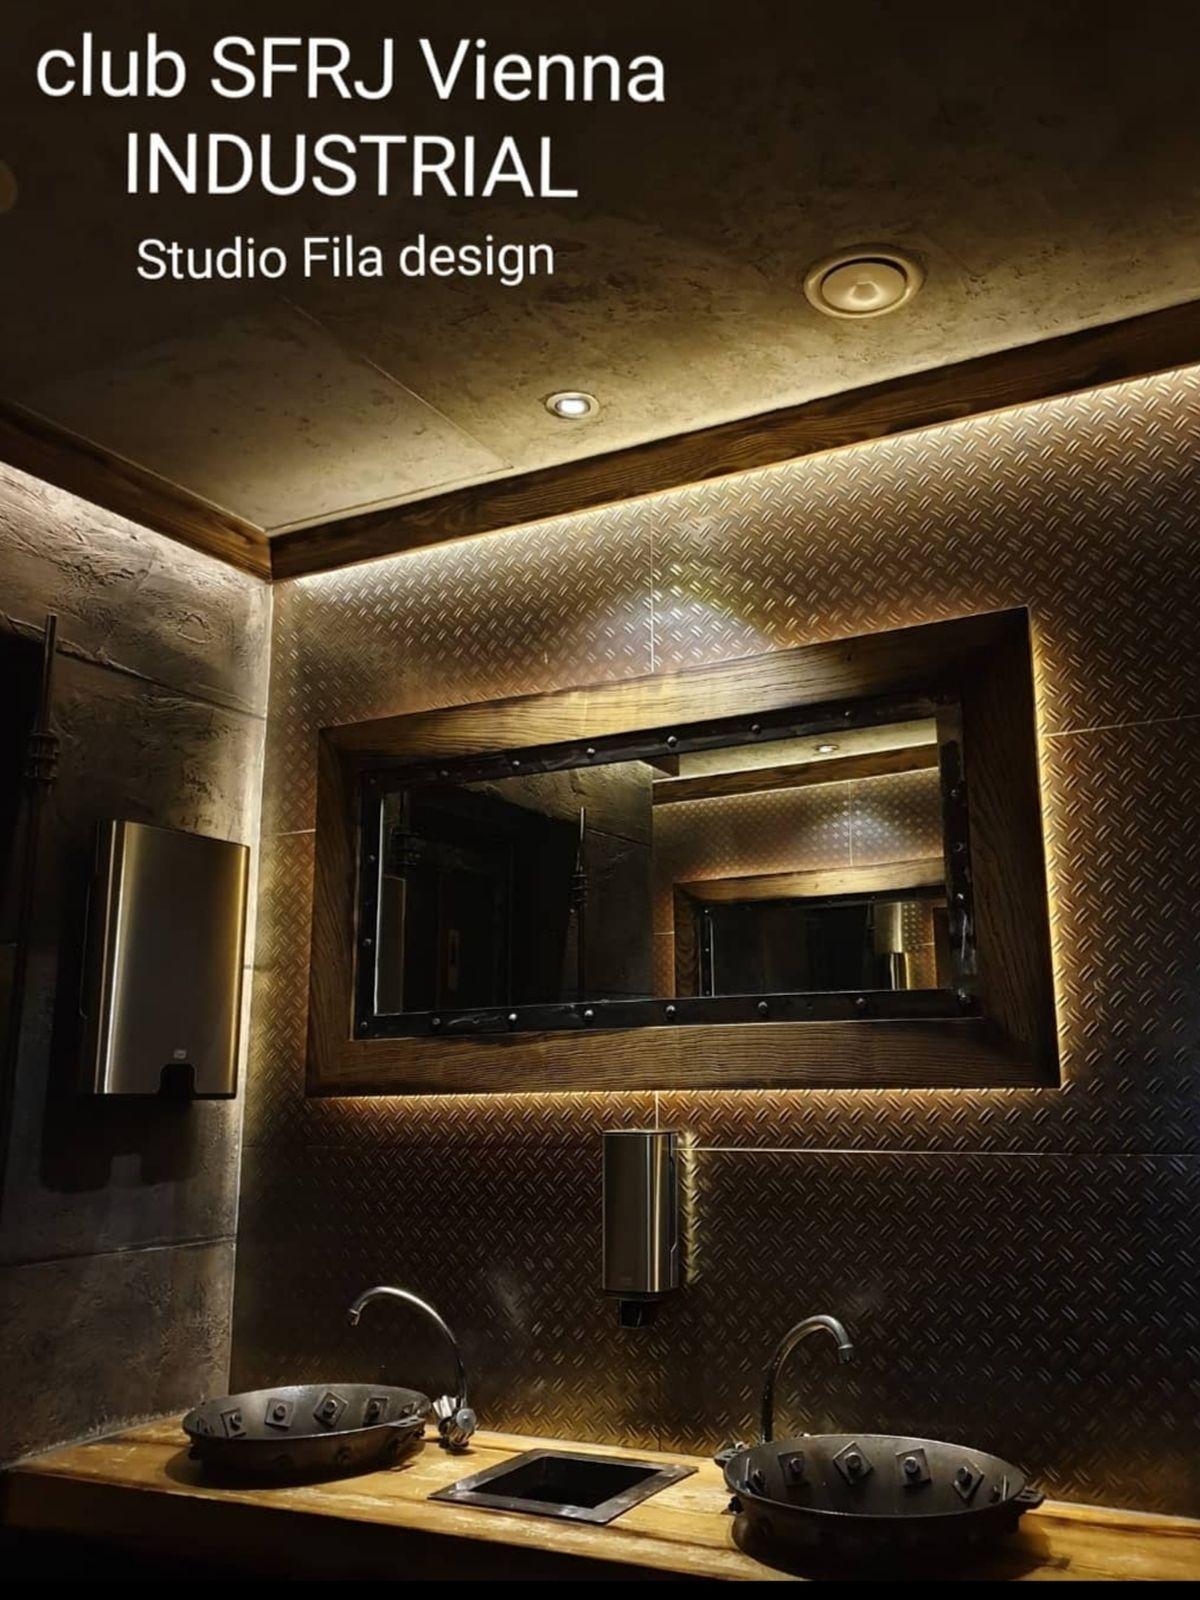 Fila studio 7